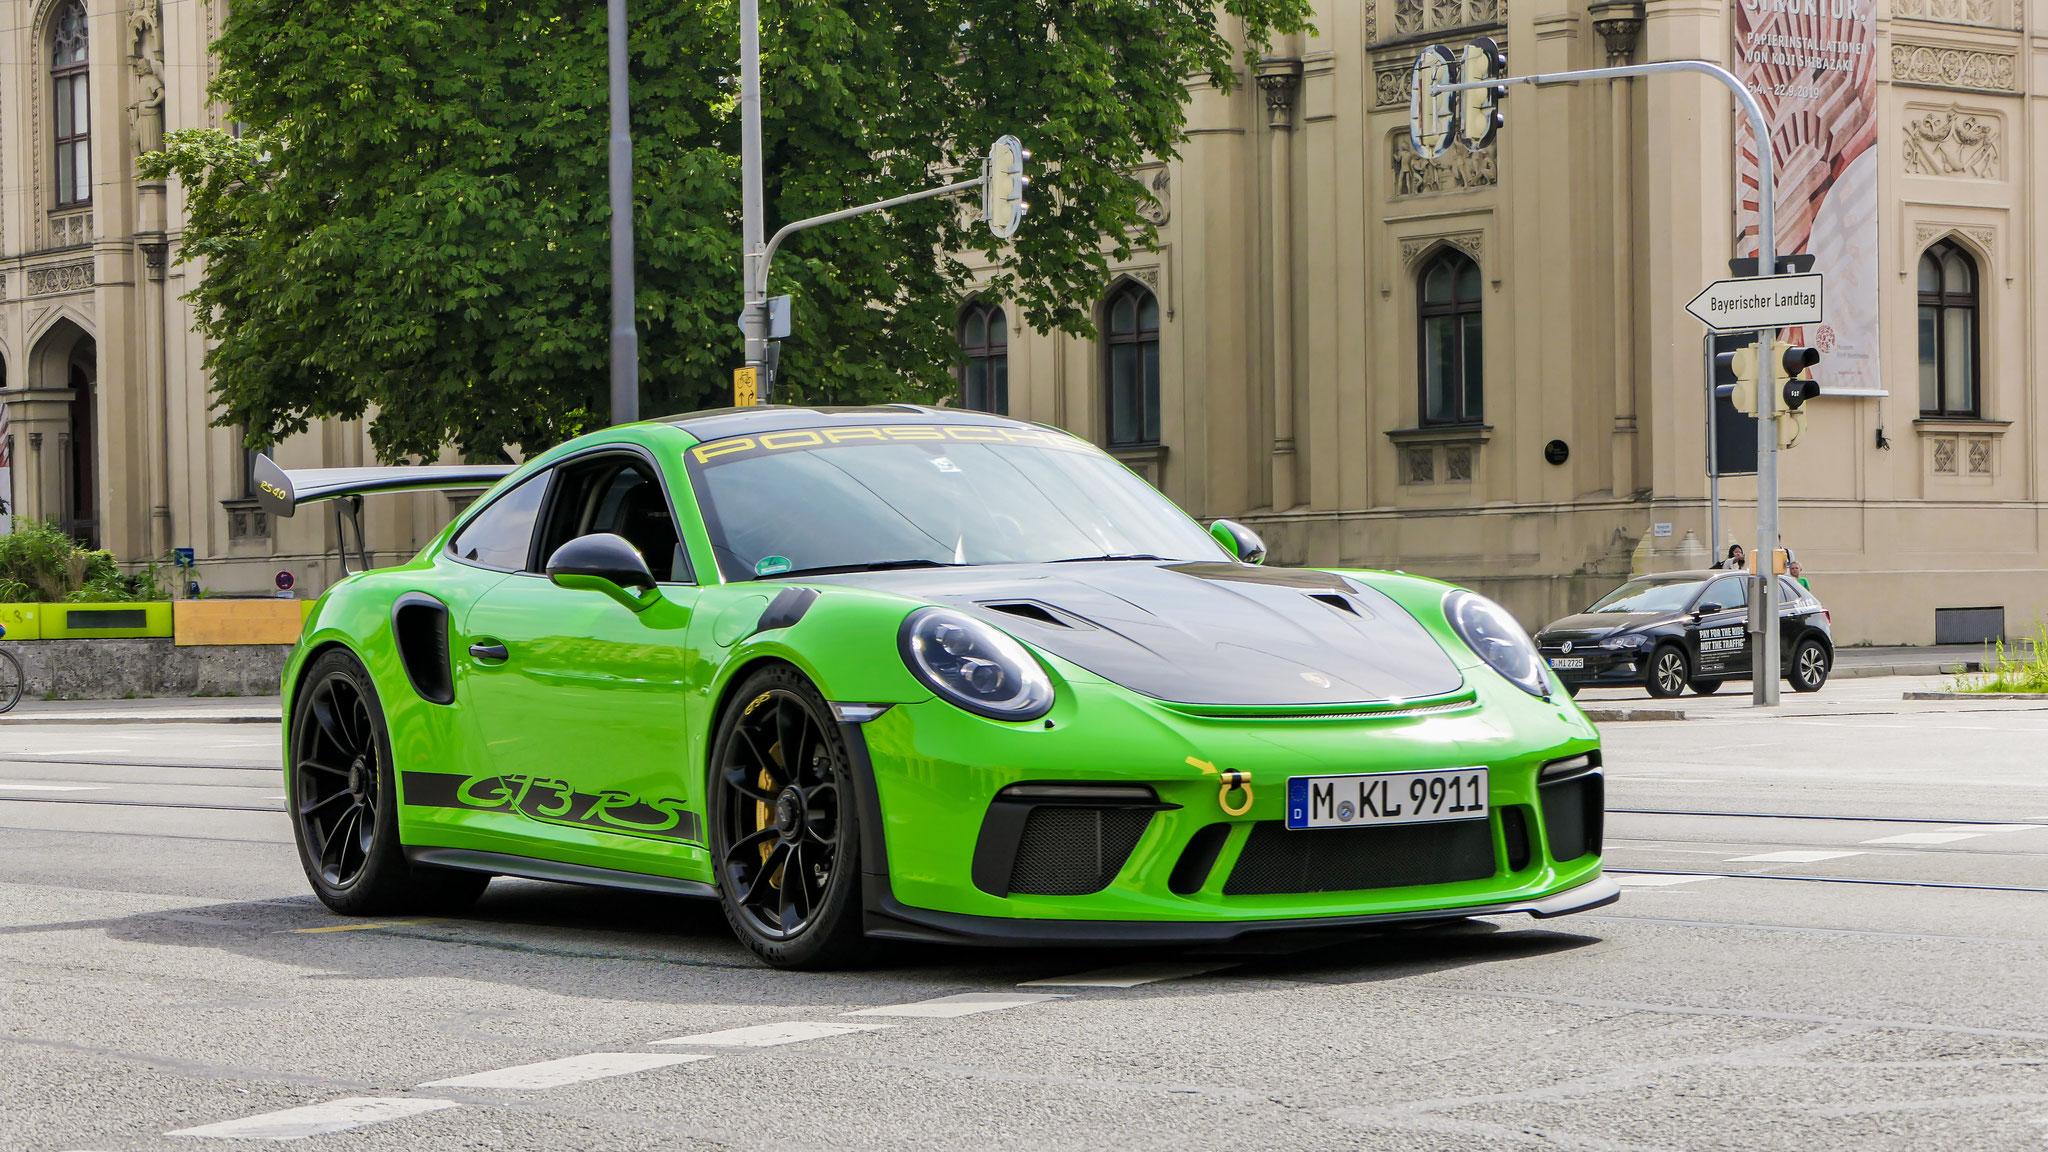 Porsche 911 991.2 GT3 RS - M-KL-9911